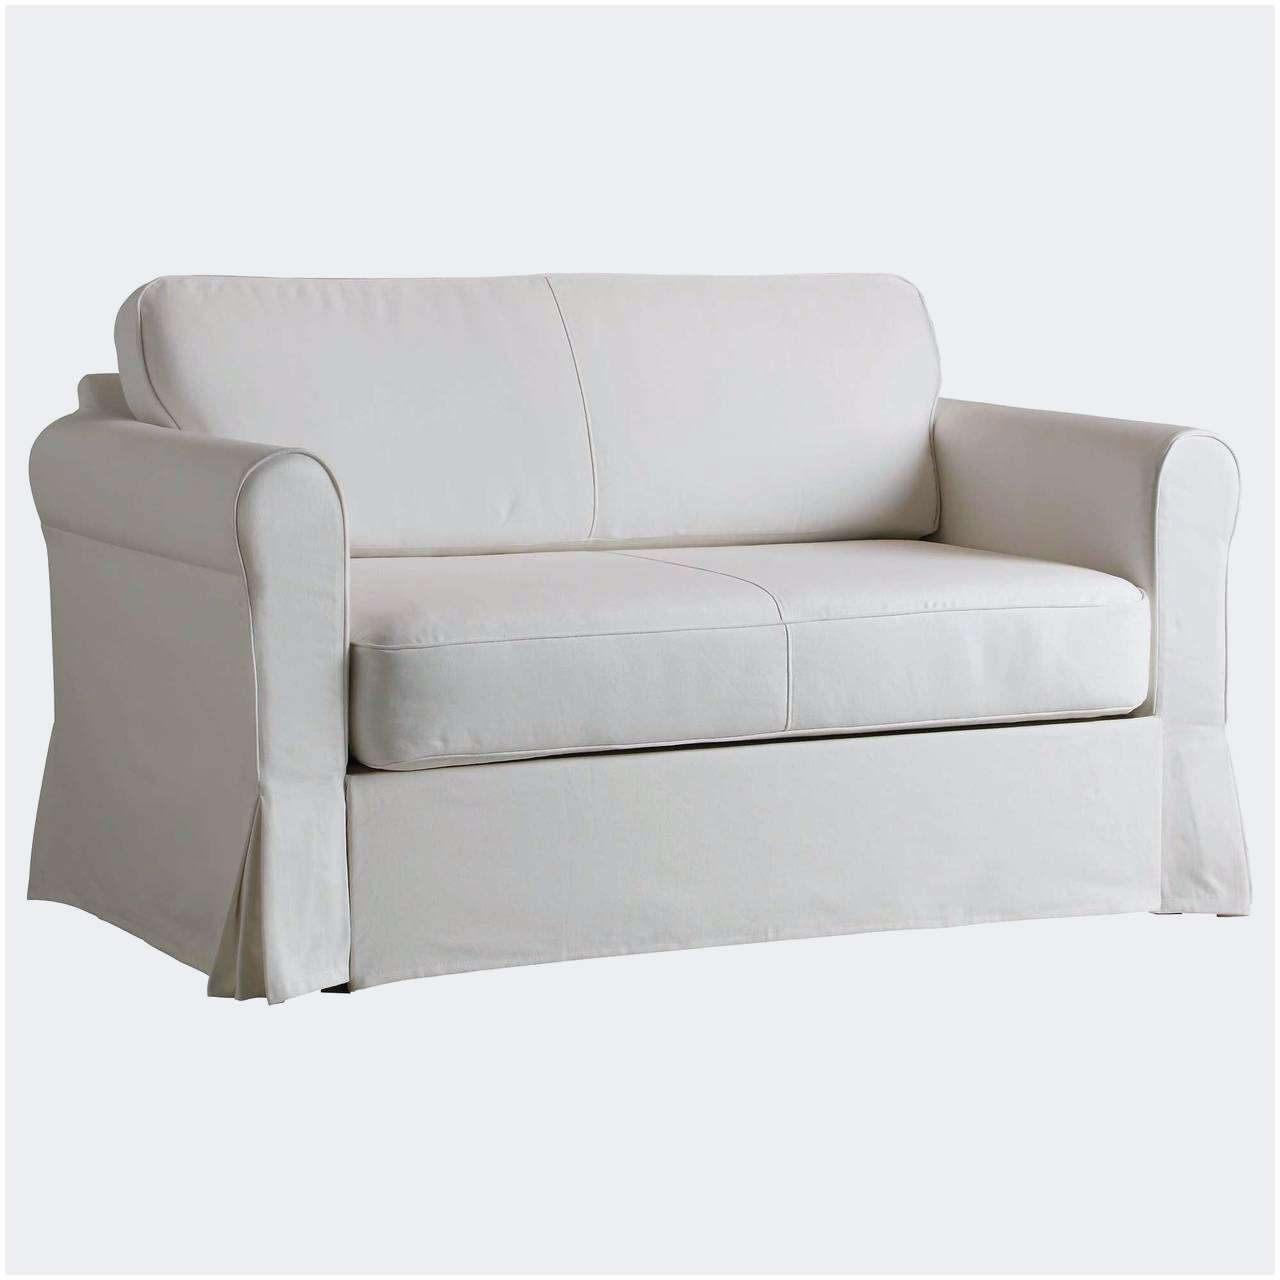 Lit Escamotable Canapé Ikea Nouveau Inspiré 48 Superbes Canapé D Angle Convertible Beige Pour